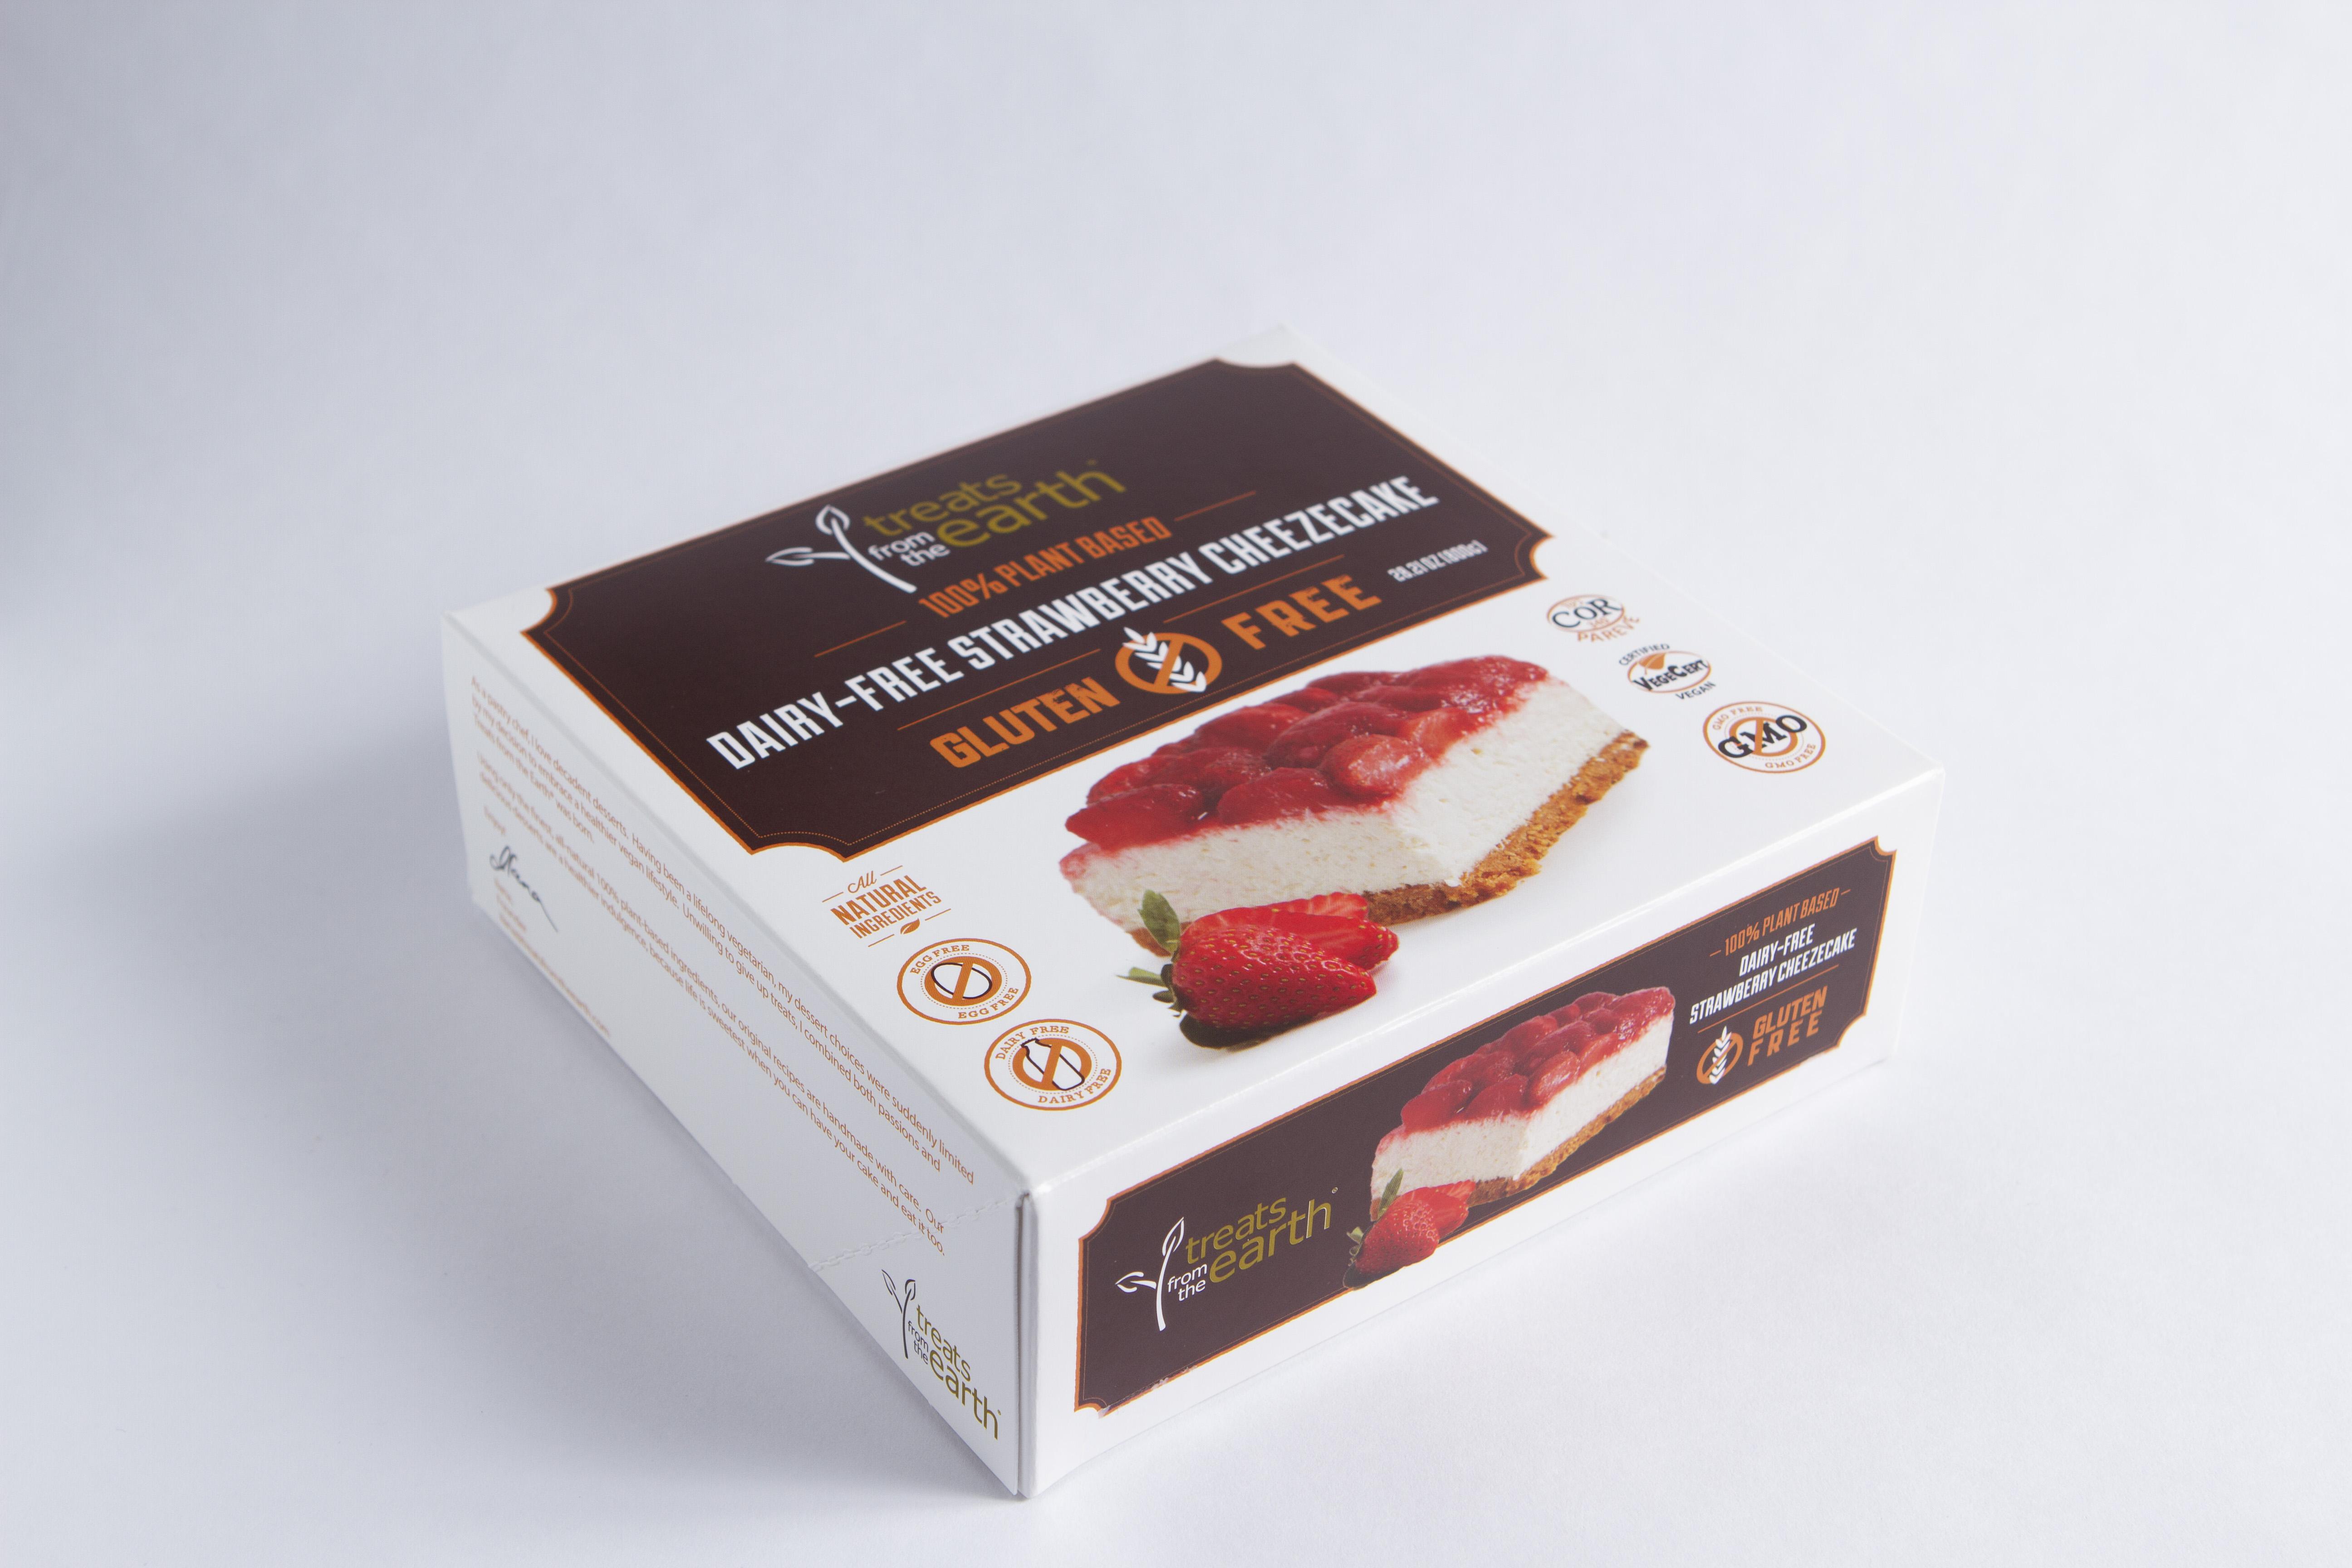 834633001000 - TFTE GF Strawberry Cheezecake Pan 800g